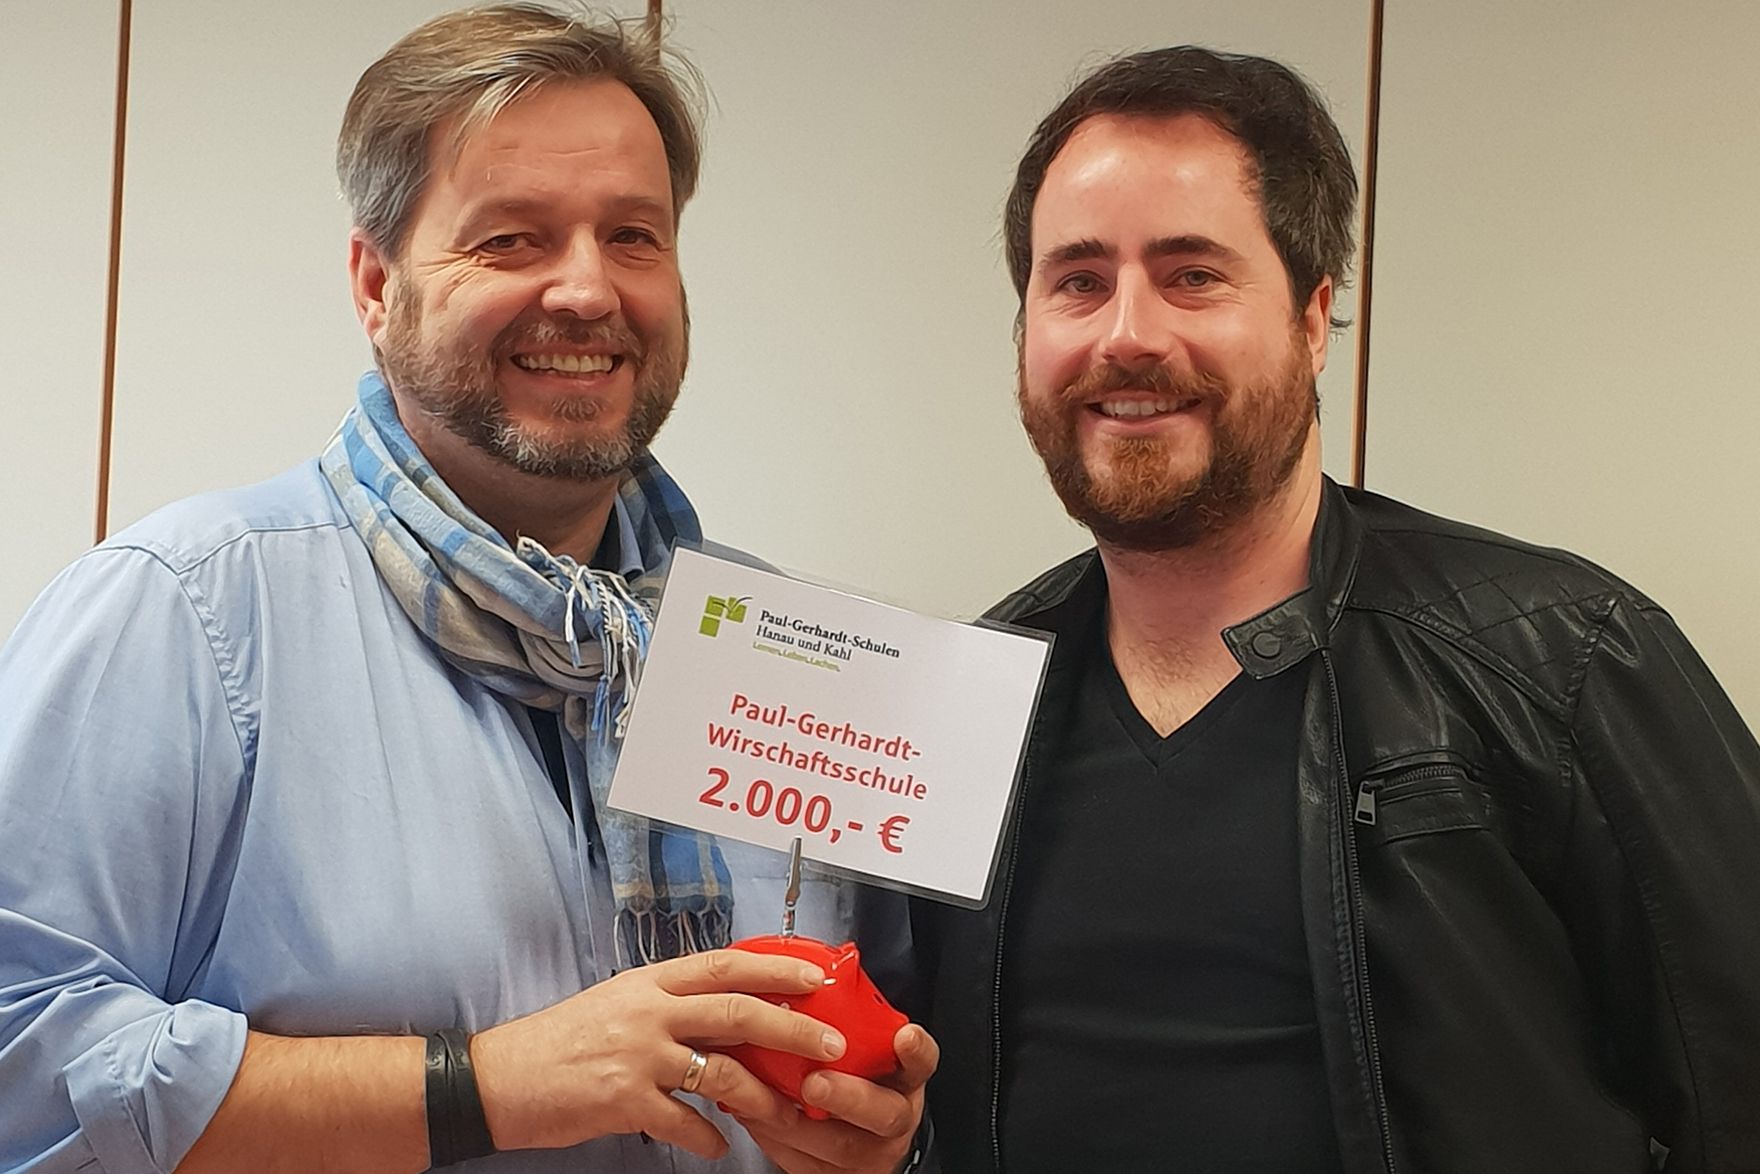 2.000 € Spende für die Wirtschaftsschule